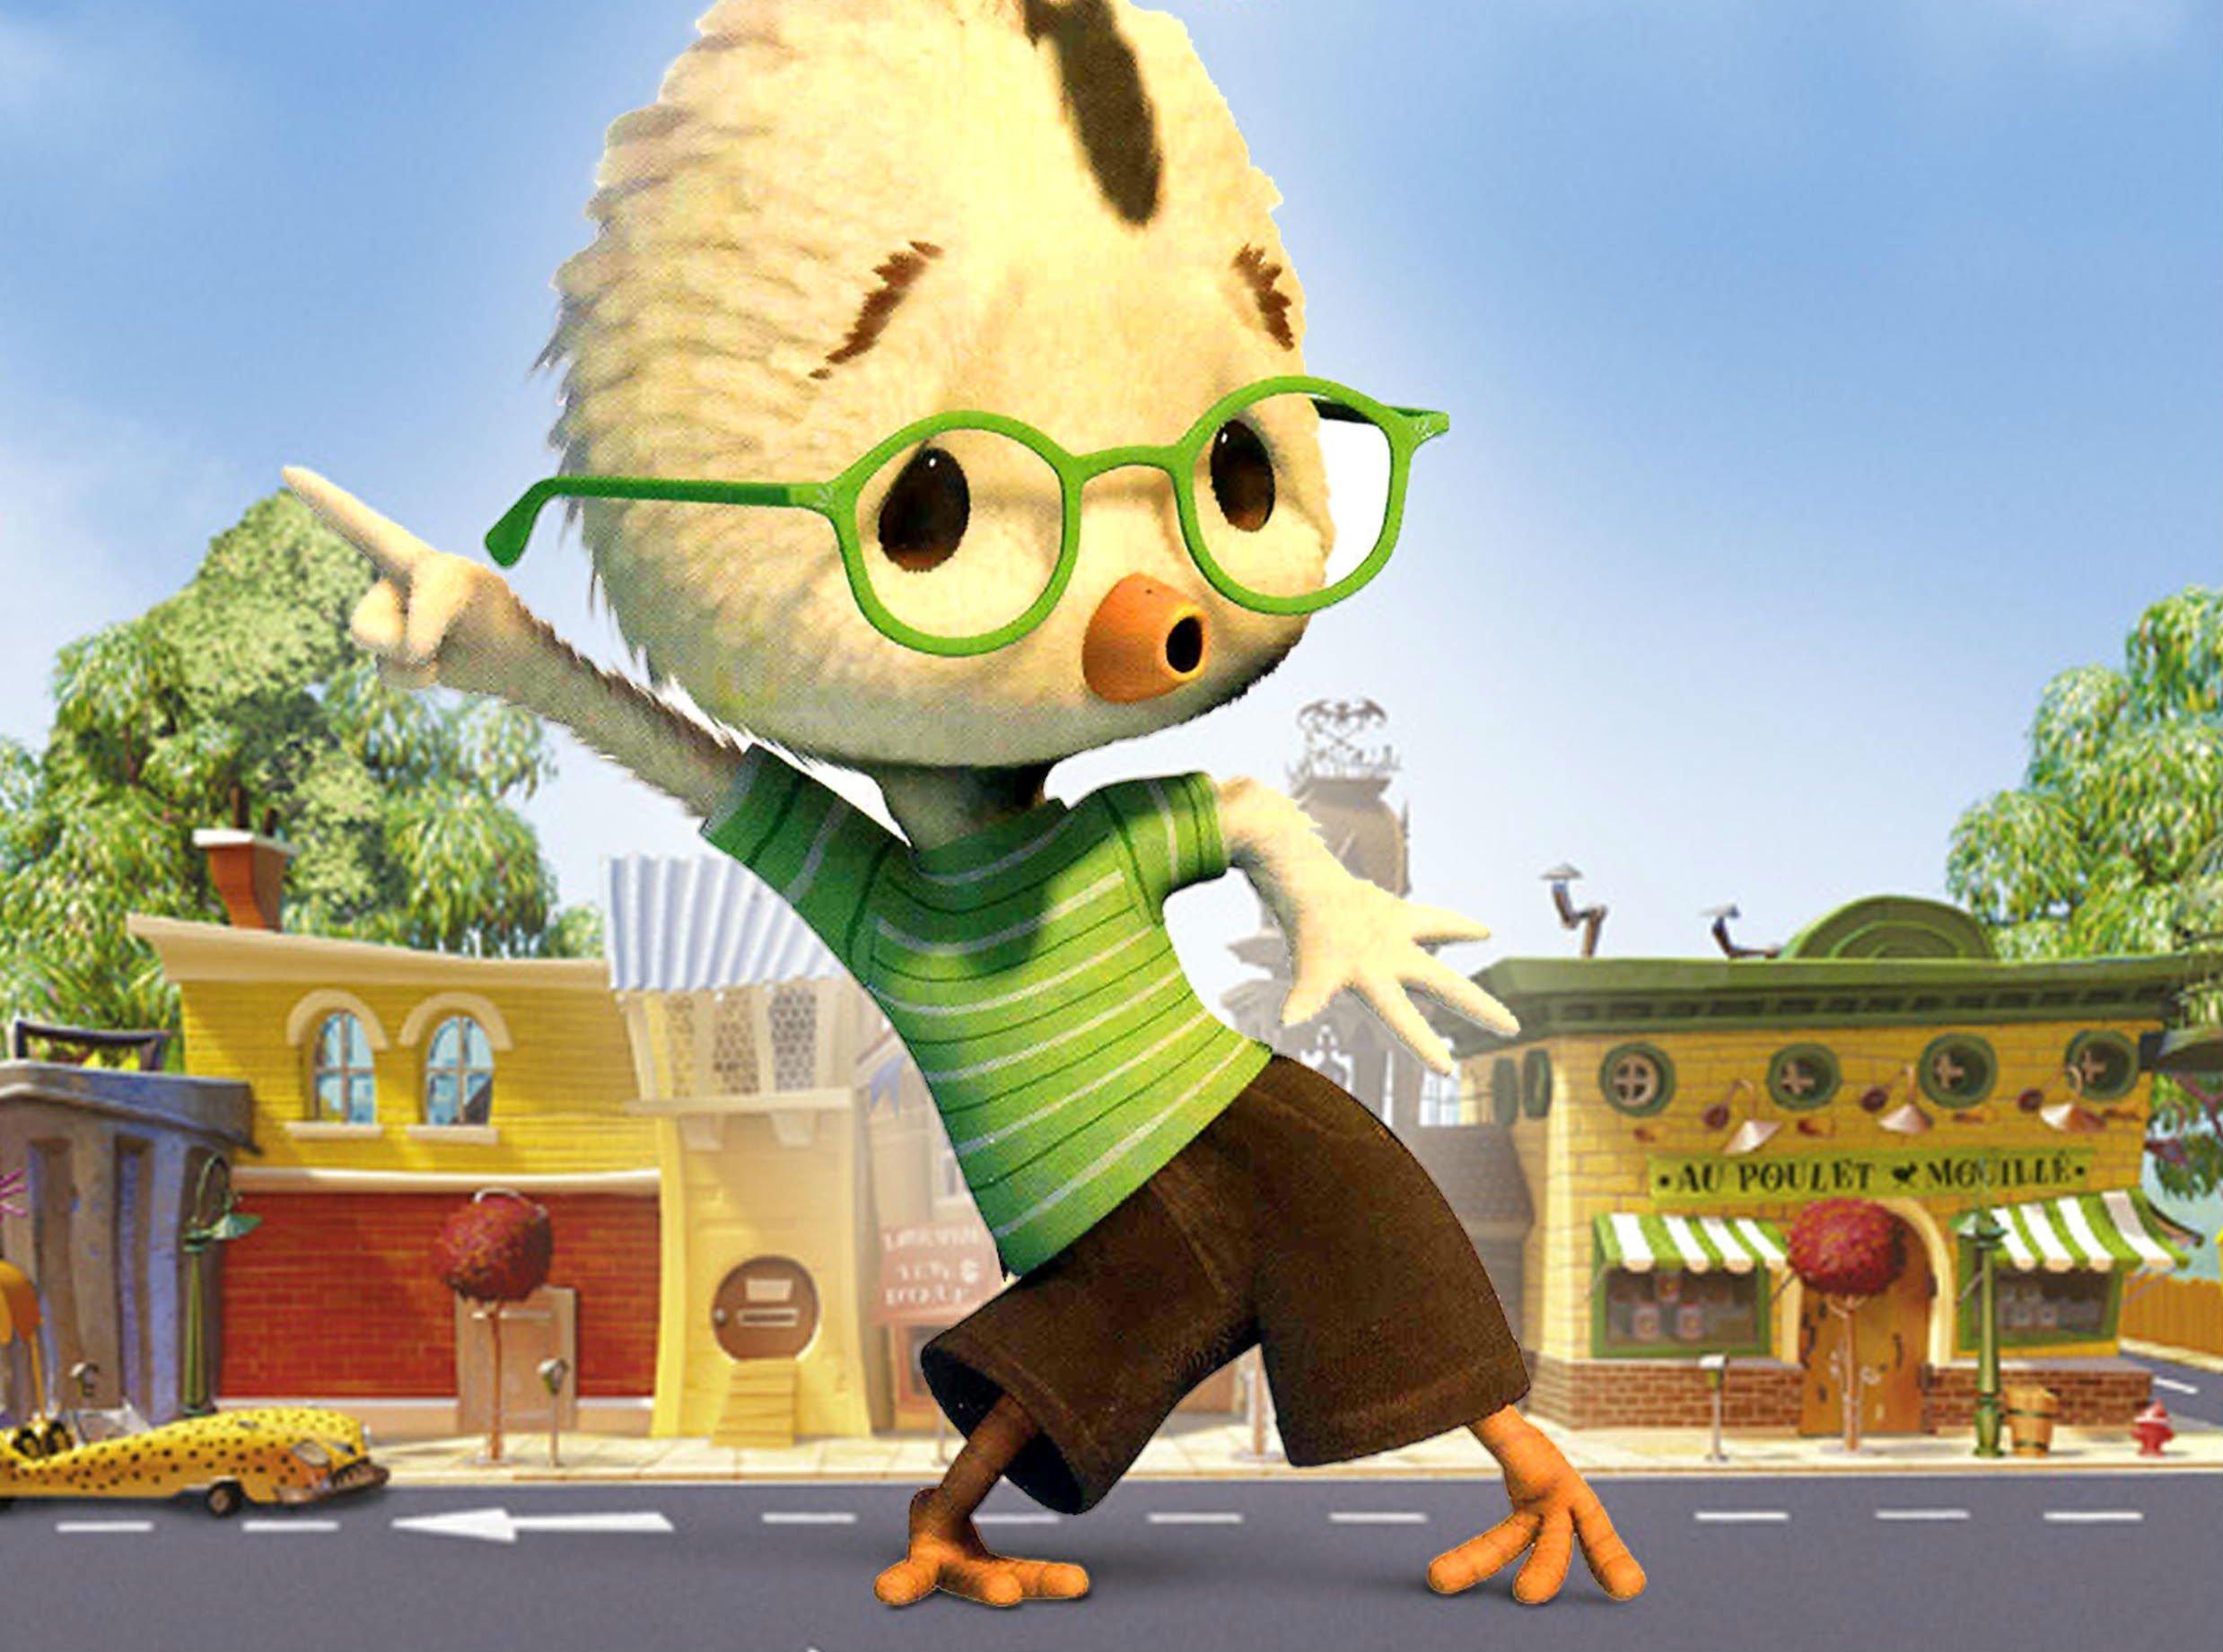 Chicken Little (voiced by Zach Braff) in Chicken Little (2005)